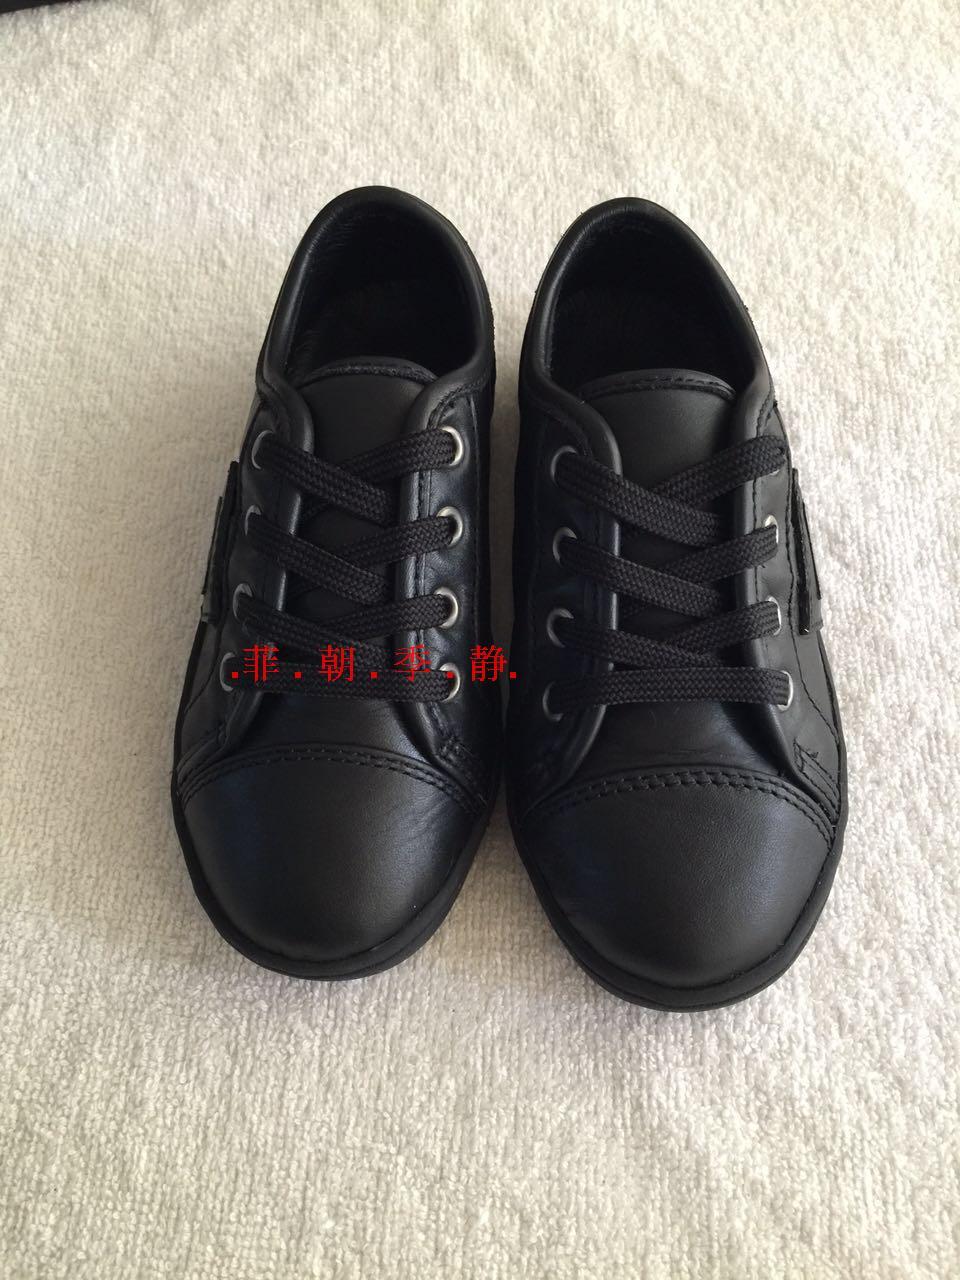 Детская кожаная обувь D & g  Dg обувь d g весна лето 2012 интернет магазин